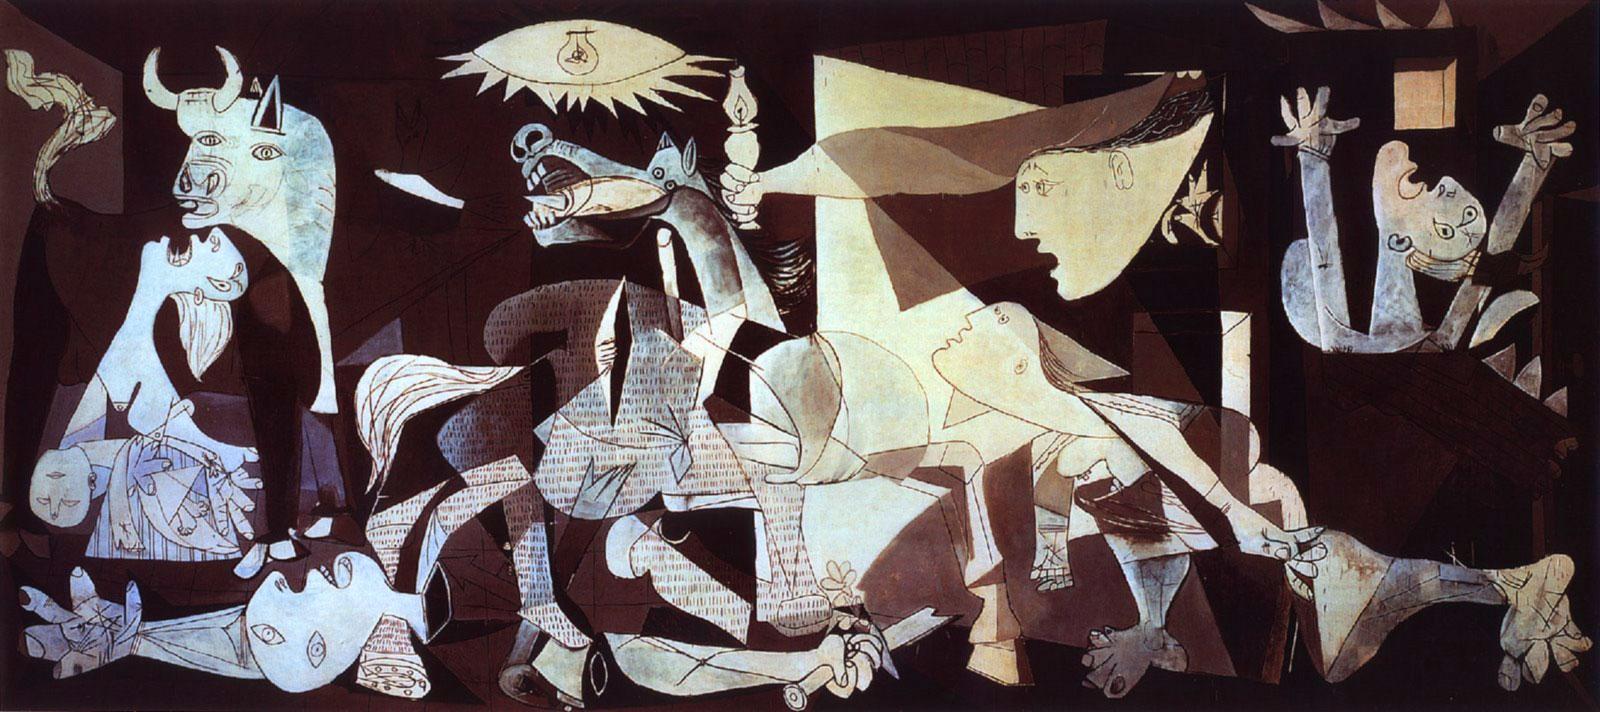 Guernica, celebre opera di Picasso (1937)